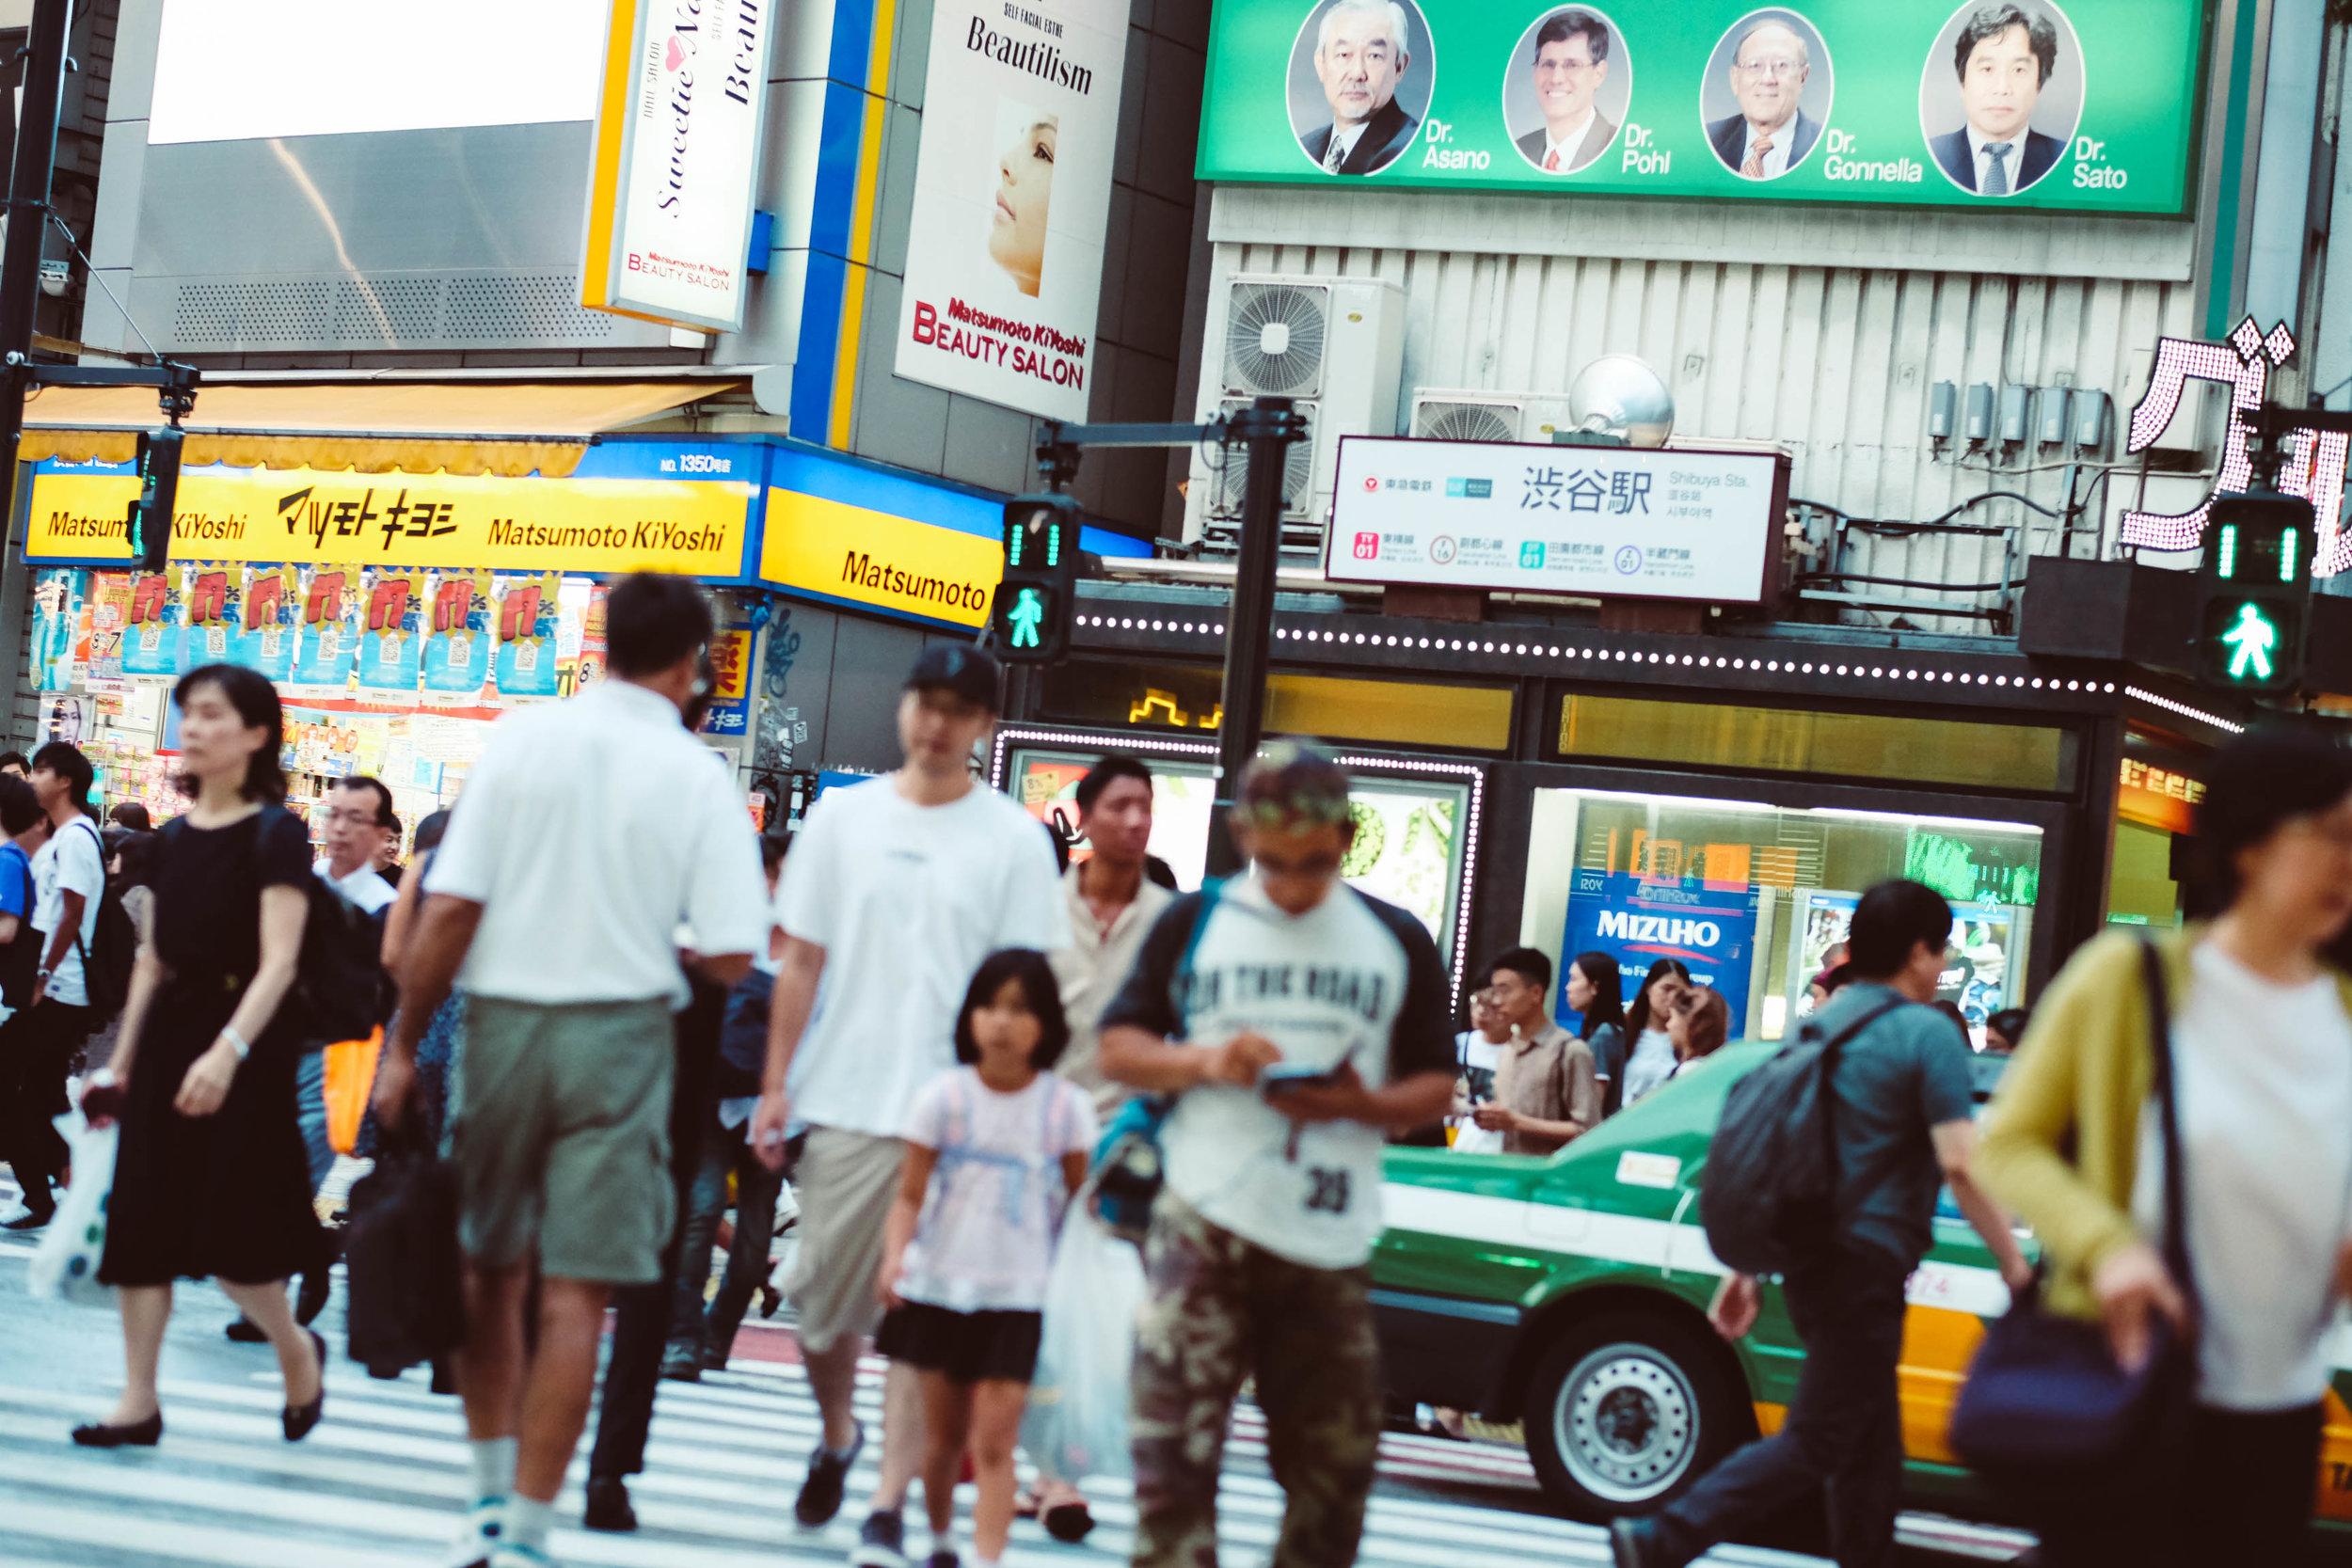 8.26.19_tokyo-16.jpg